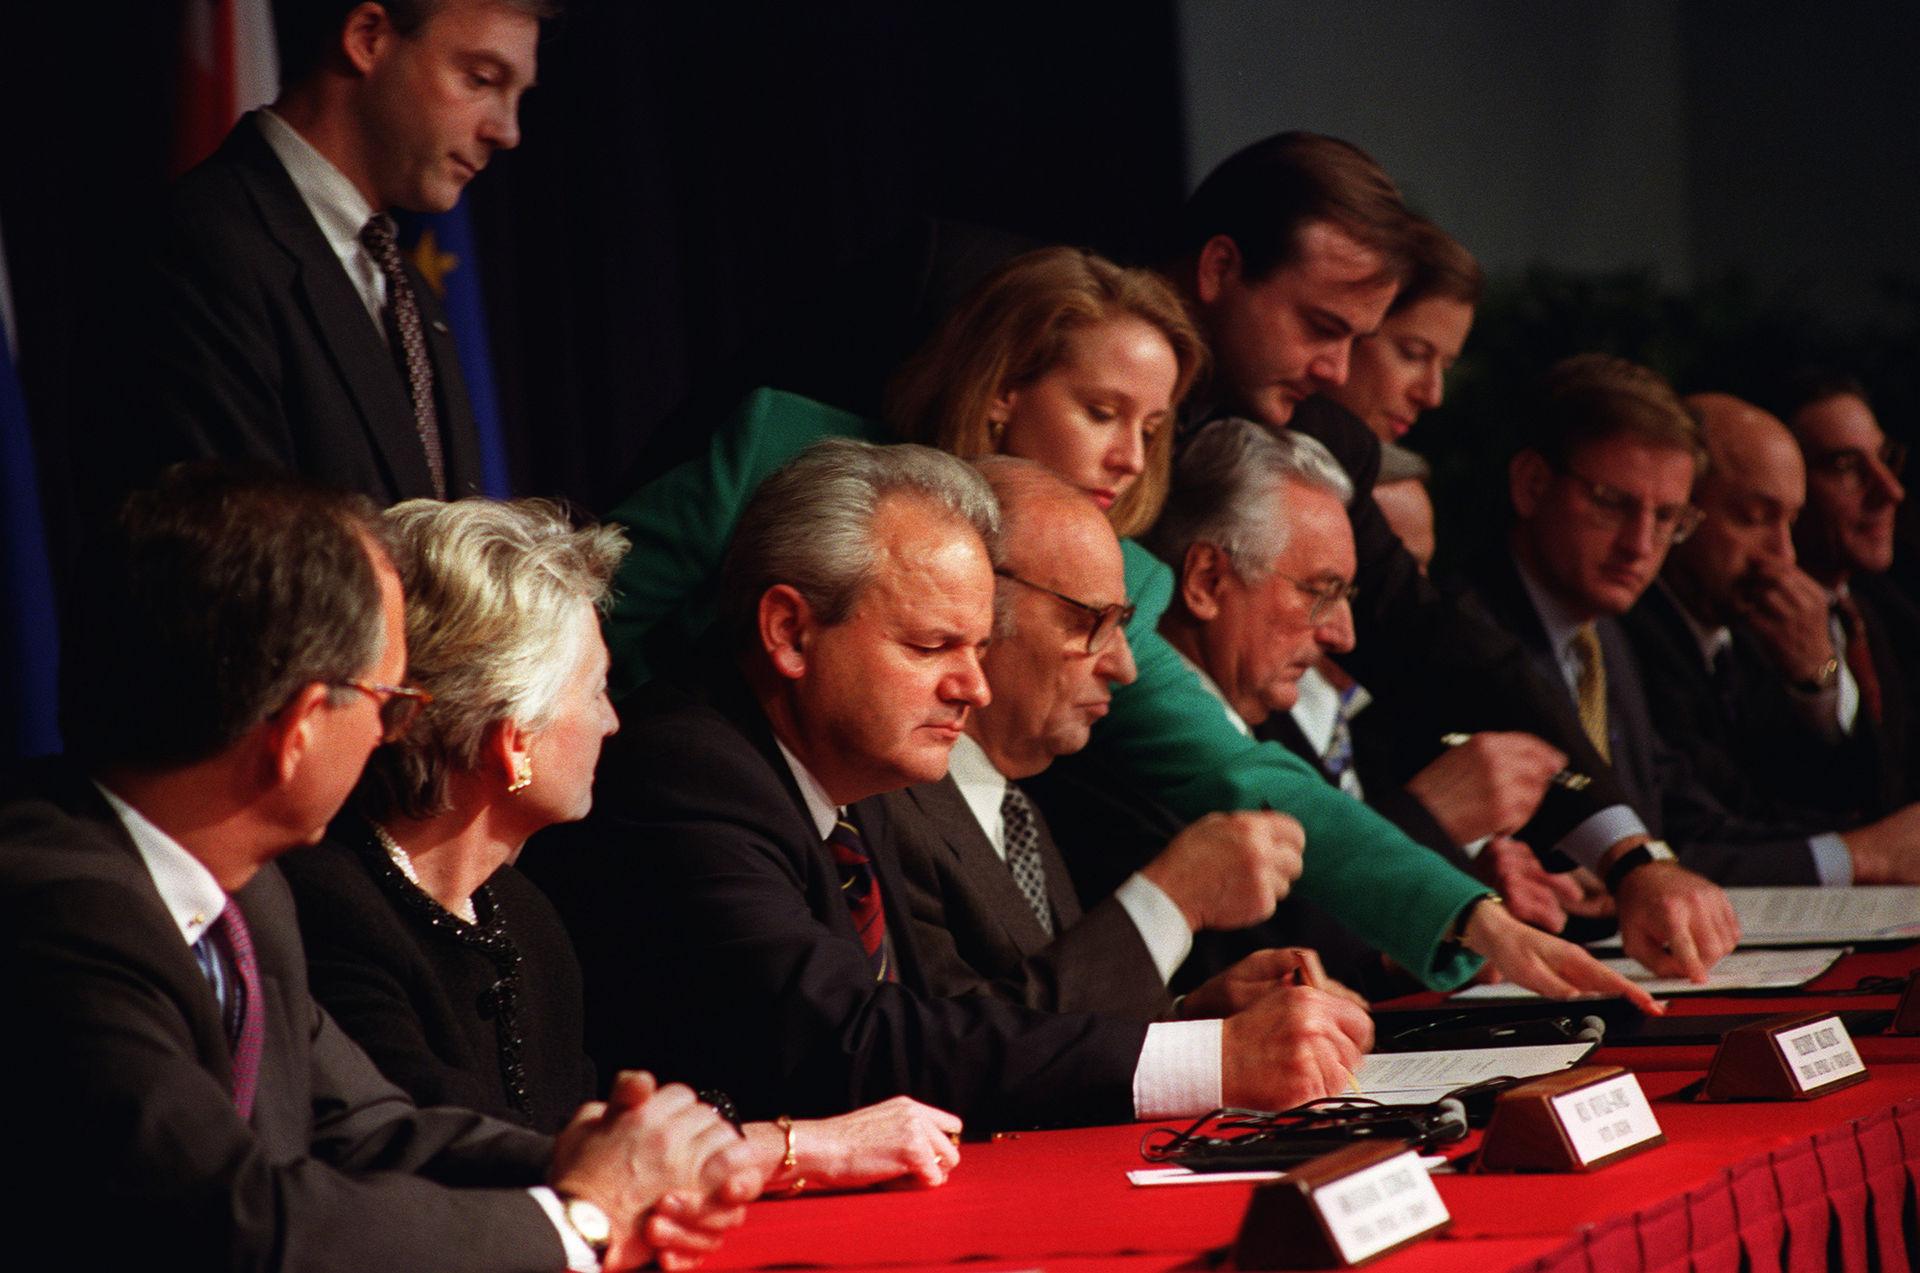 Kriget i jugoslavien balkan sondag 3